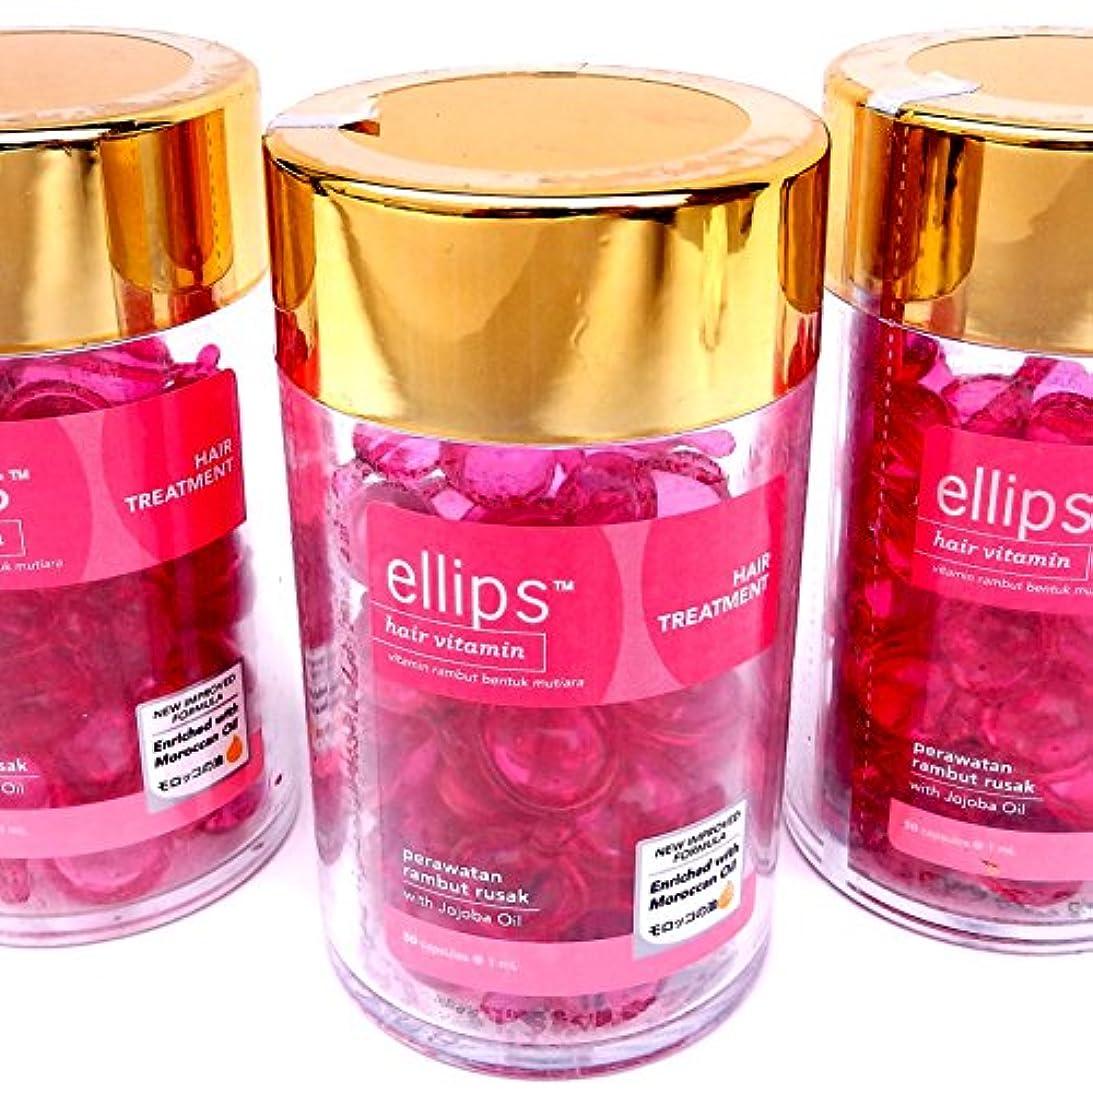 連続した狂気化粧エリプス(Ellips) ヘアビタミン ピンク ボトル(50粒入)× 3 個セット[並行輸入品]